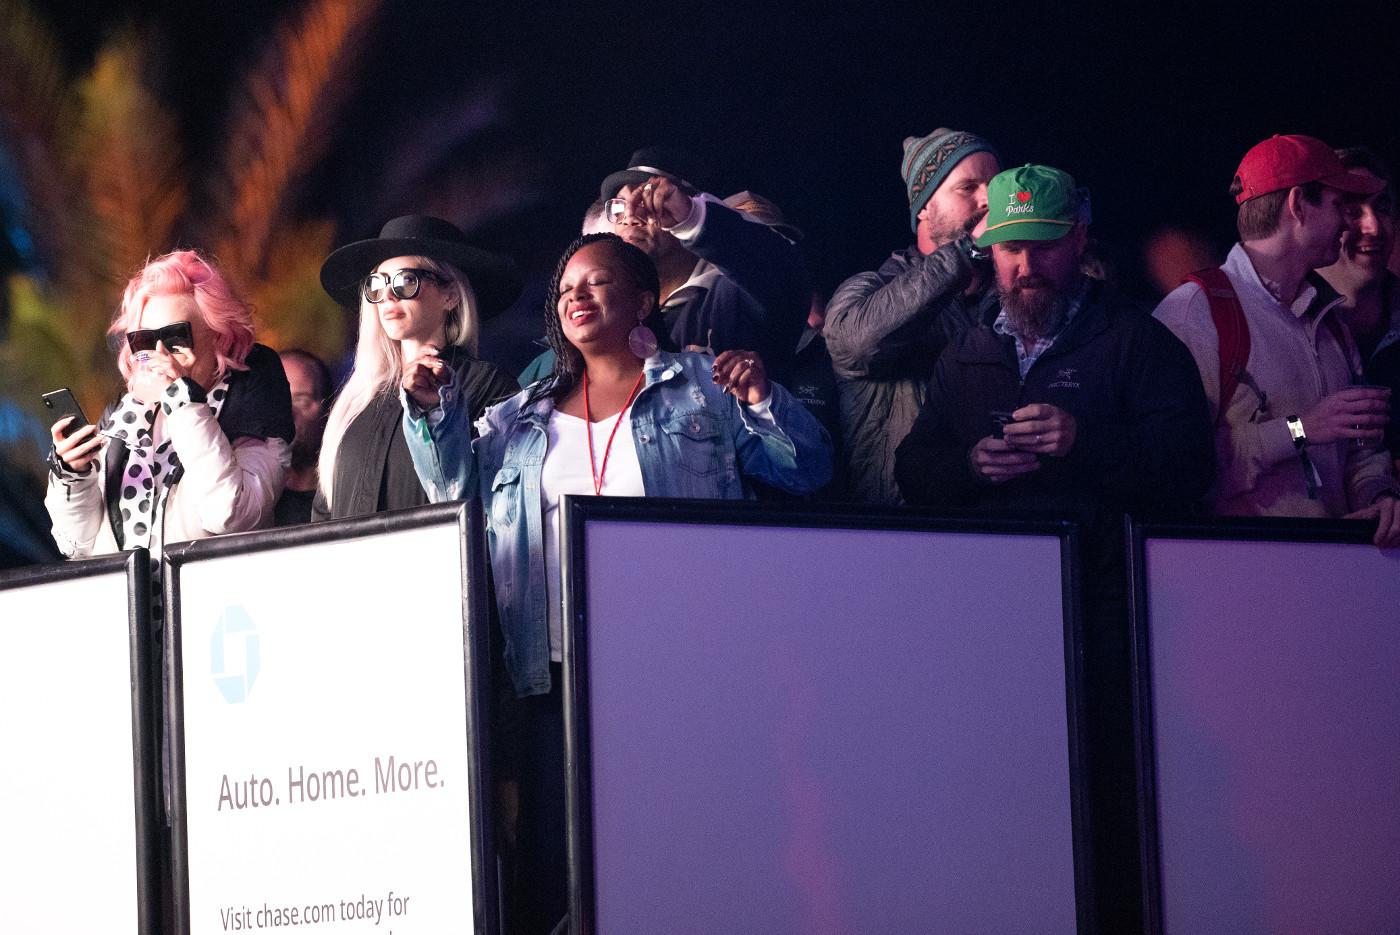 images/4xFar 2020/VIP fans viewing Kaytranada